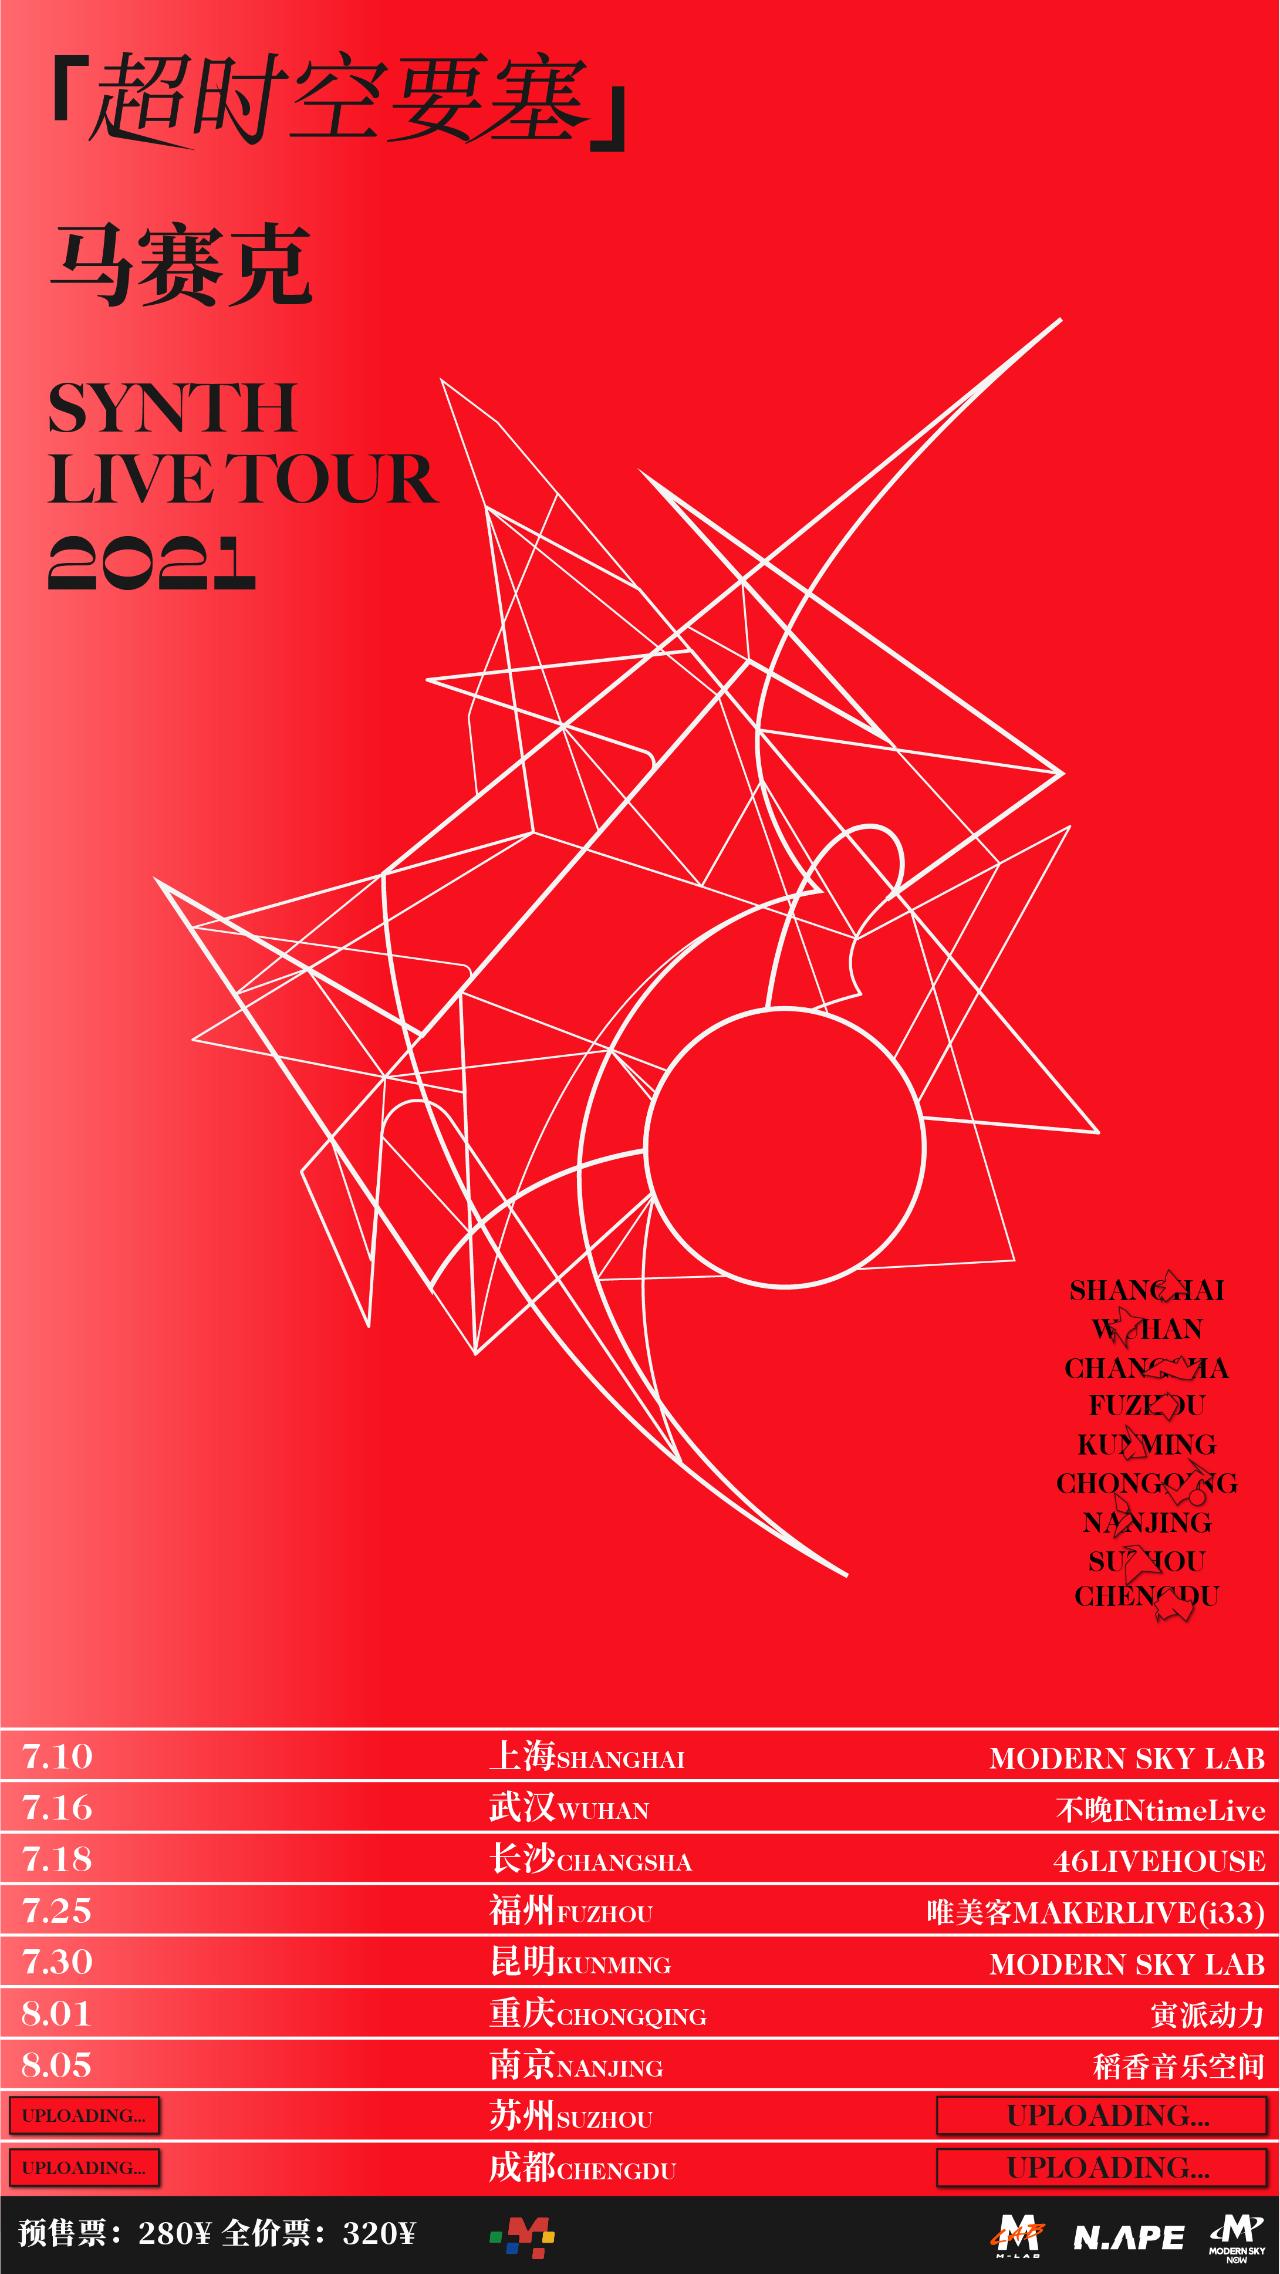 【重庆站】马赛克MOSAIC 2021「超时空要塞」 Synth Live Tour LVH